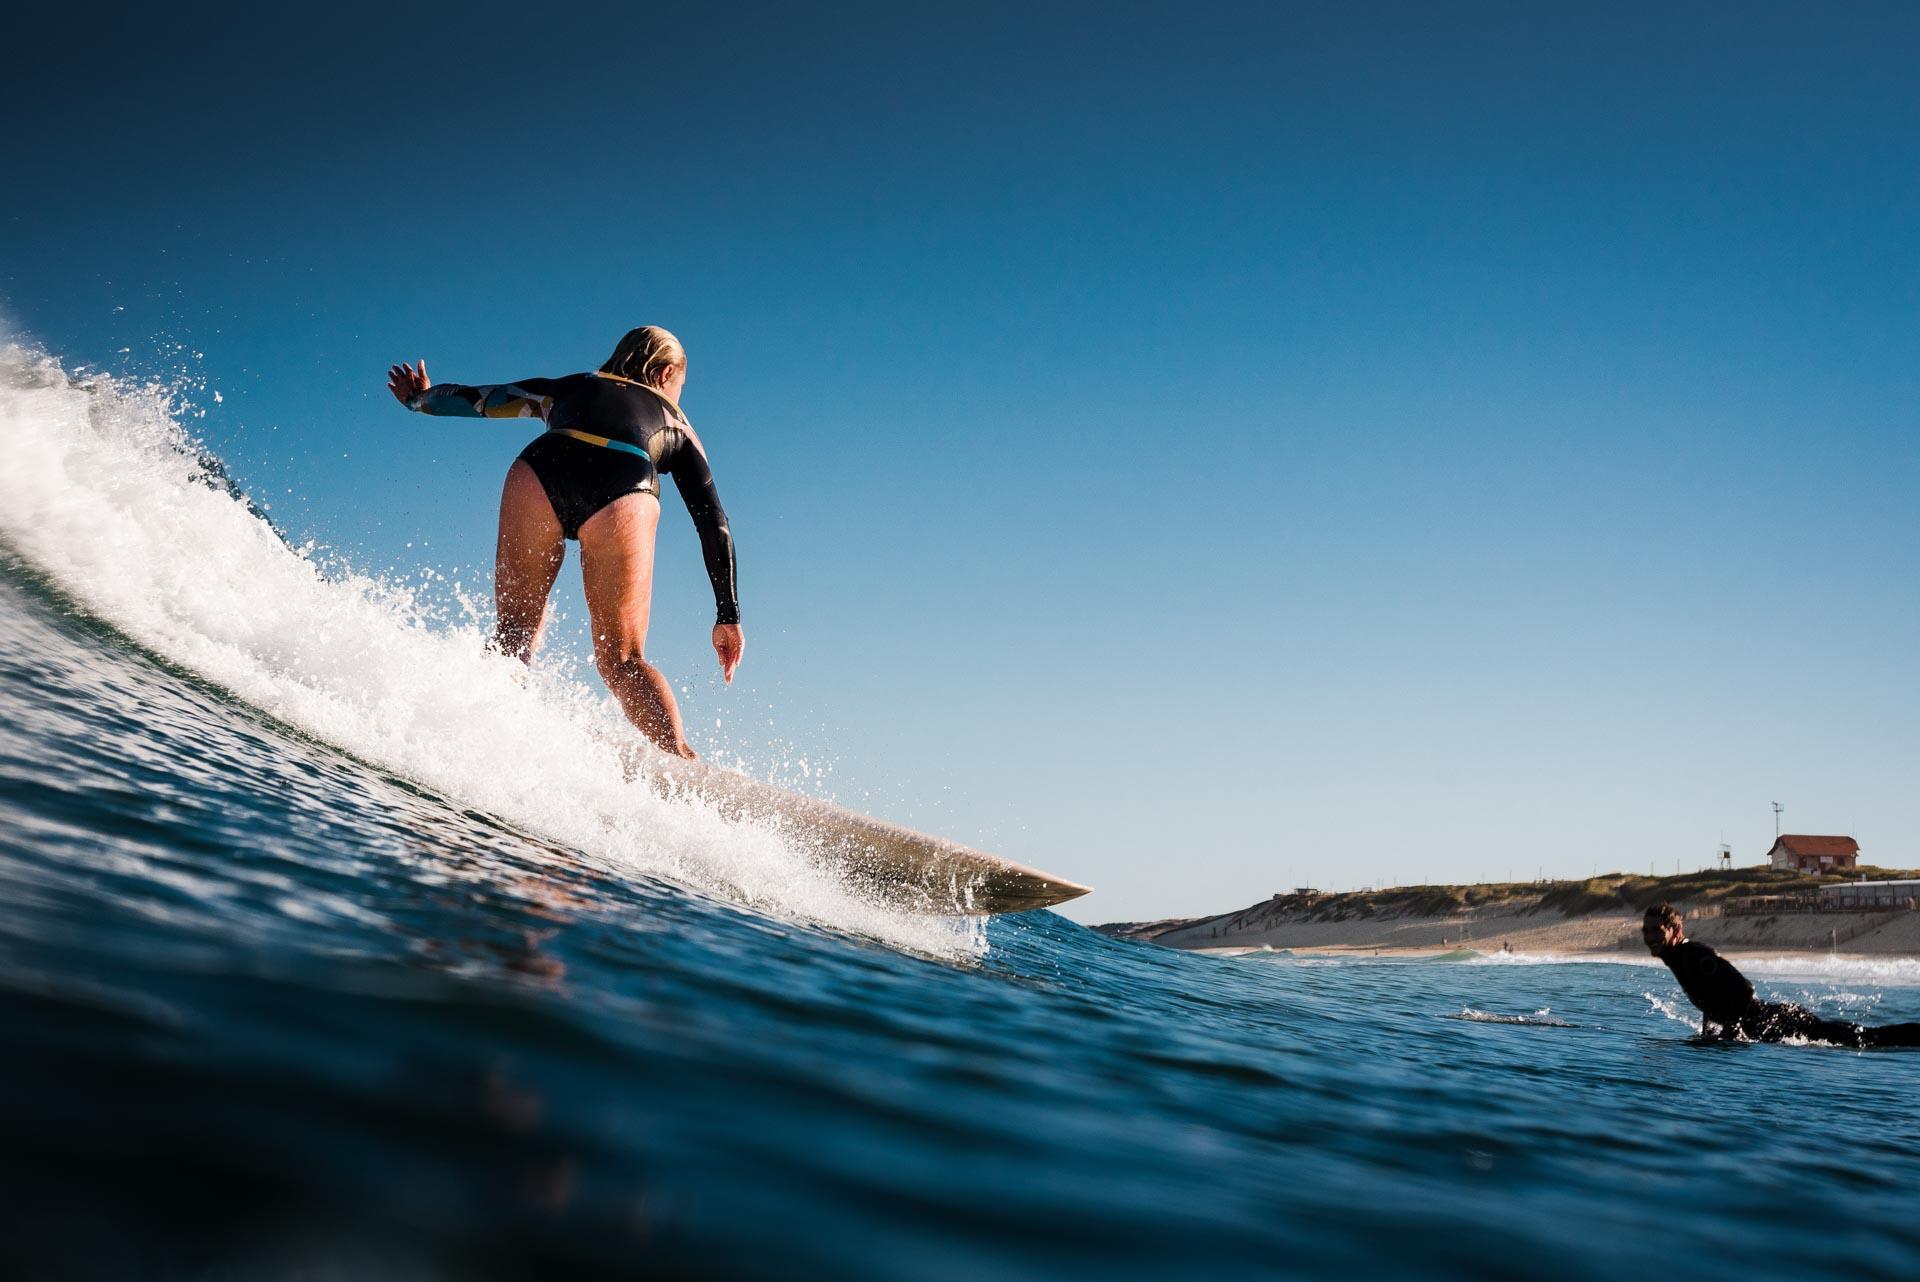 Le surf se pratique toute l'année sur la côte landaise © Yohan Espiaube